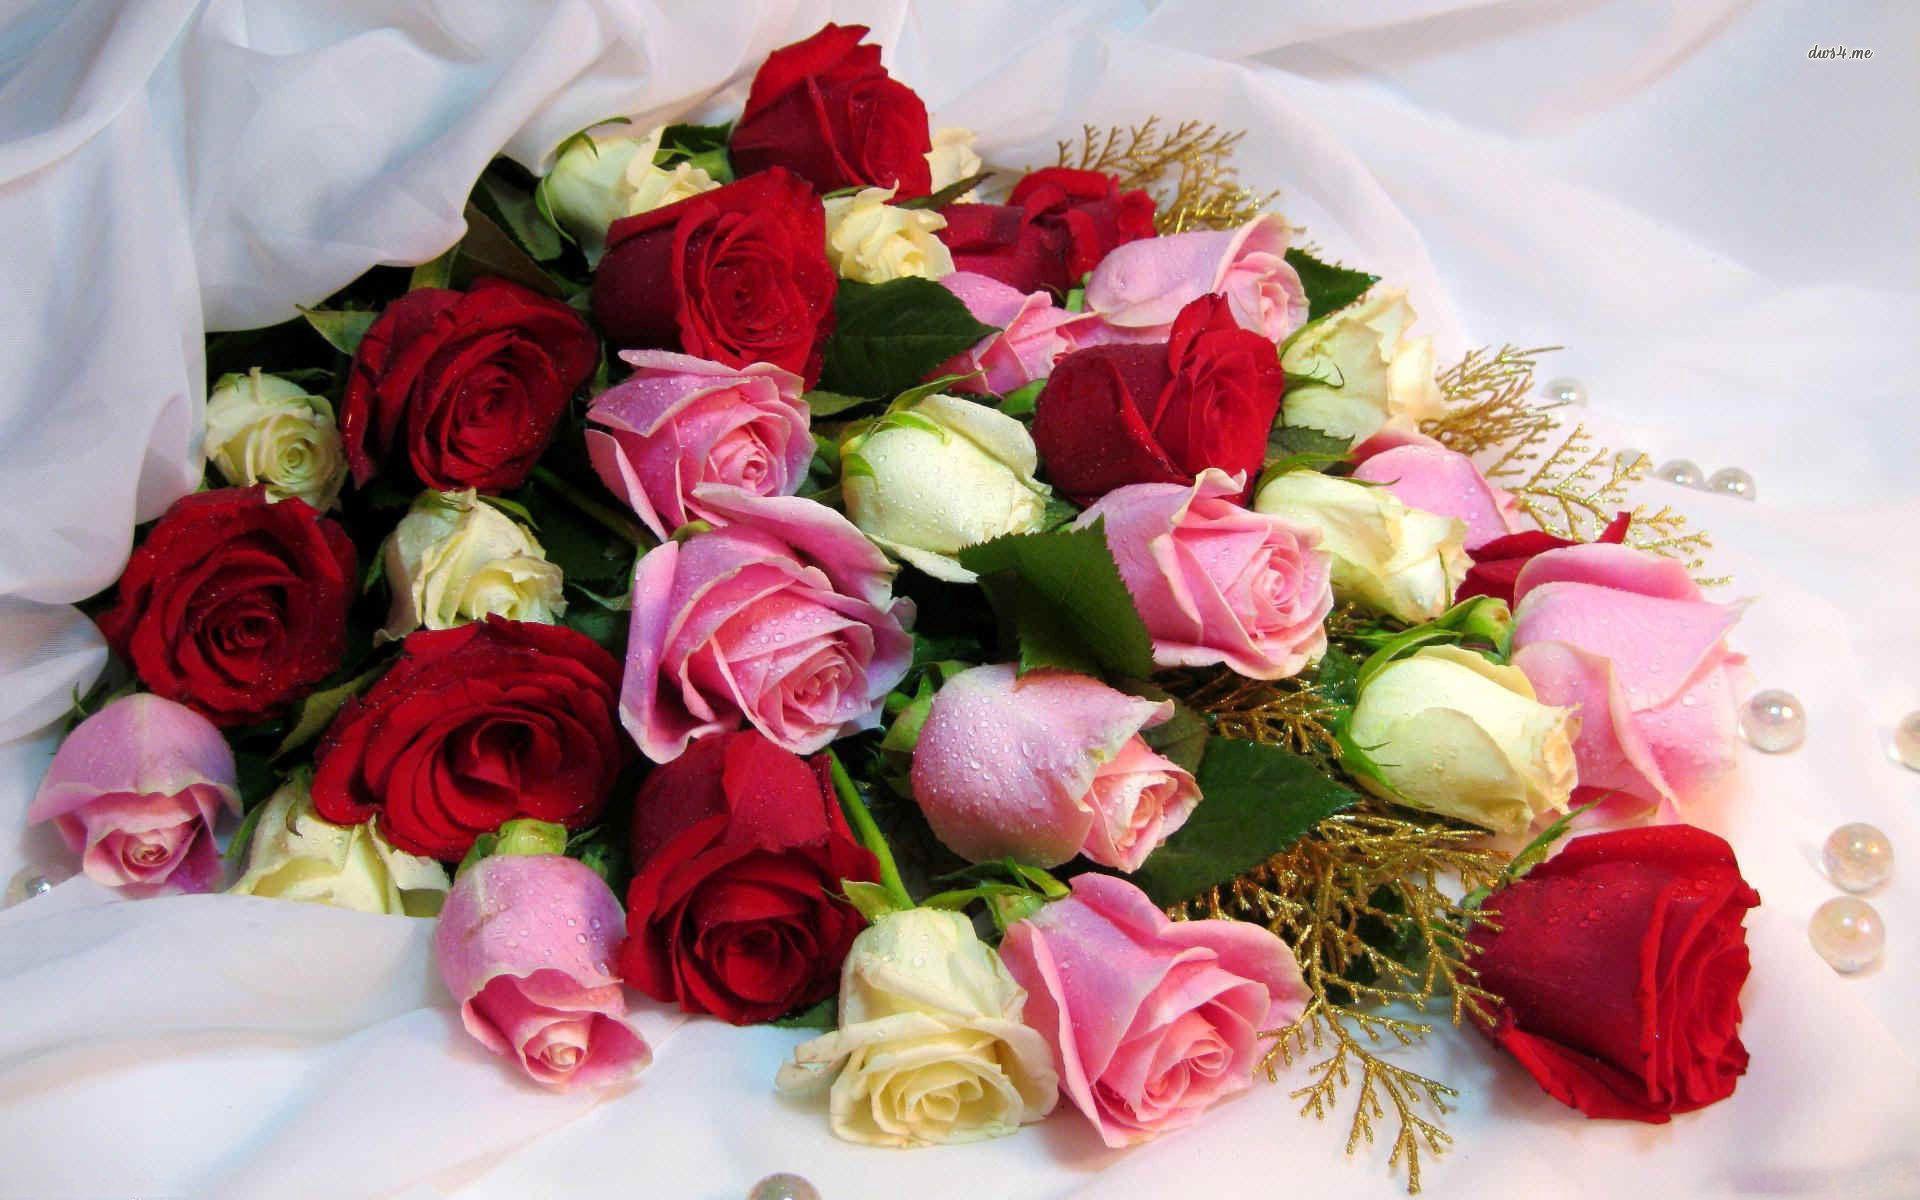 Of Roses Wallpaper